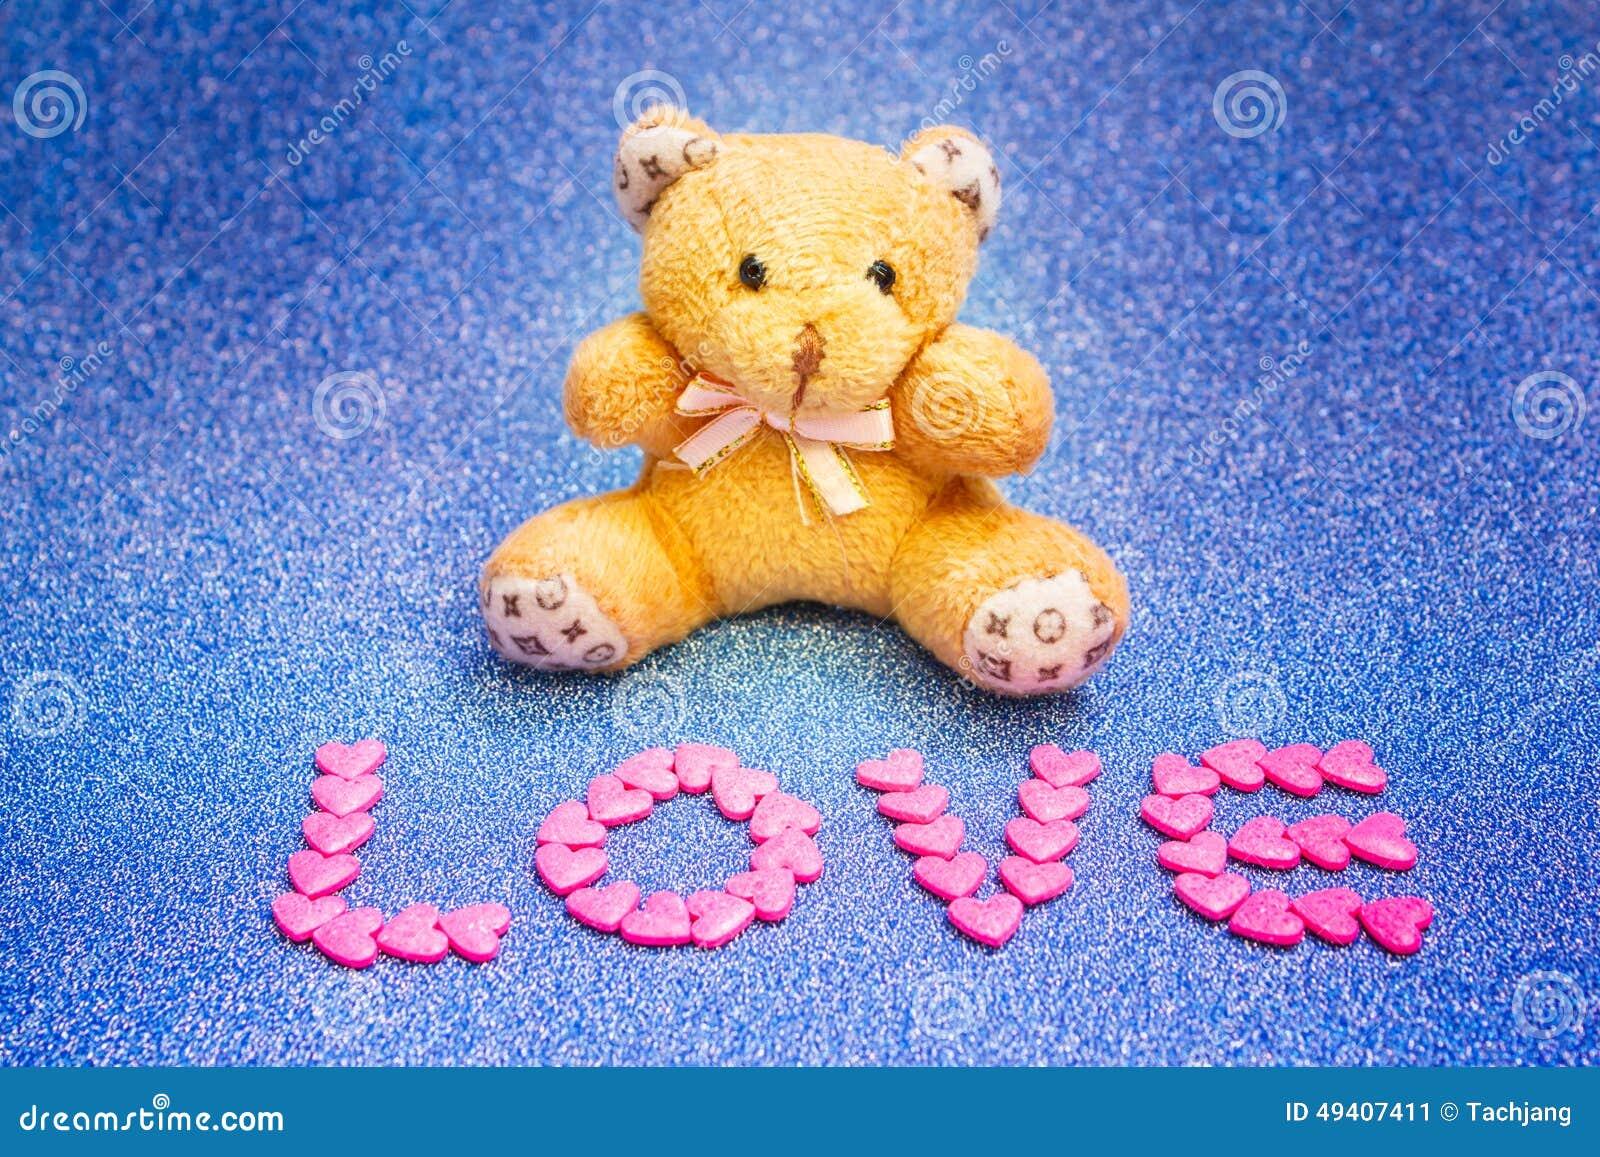 Download Teddybär Betreffen Blauen Hintergrund Stockbild - Bild von weich, neigung: 49407411